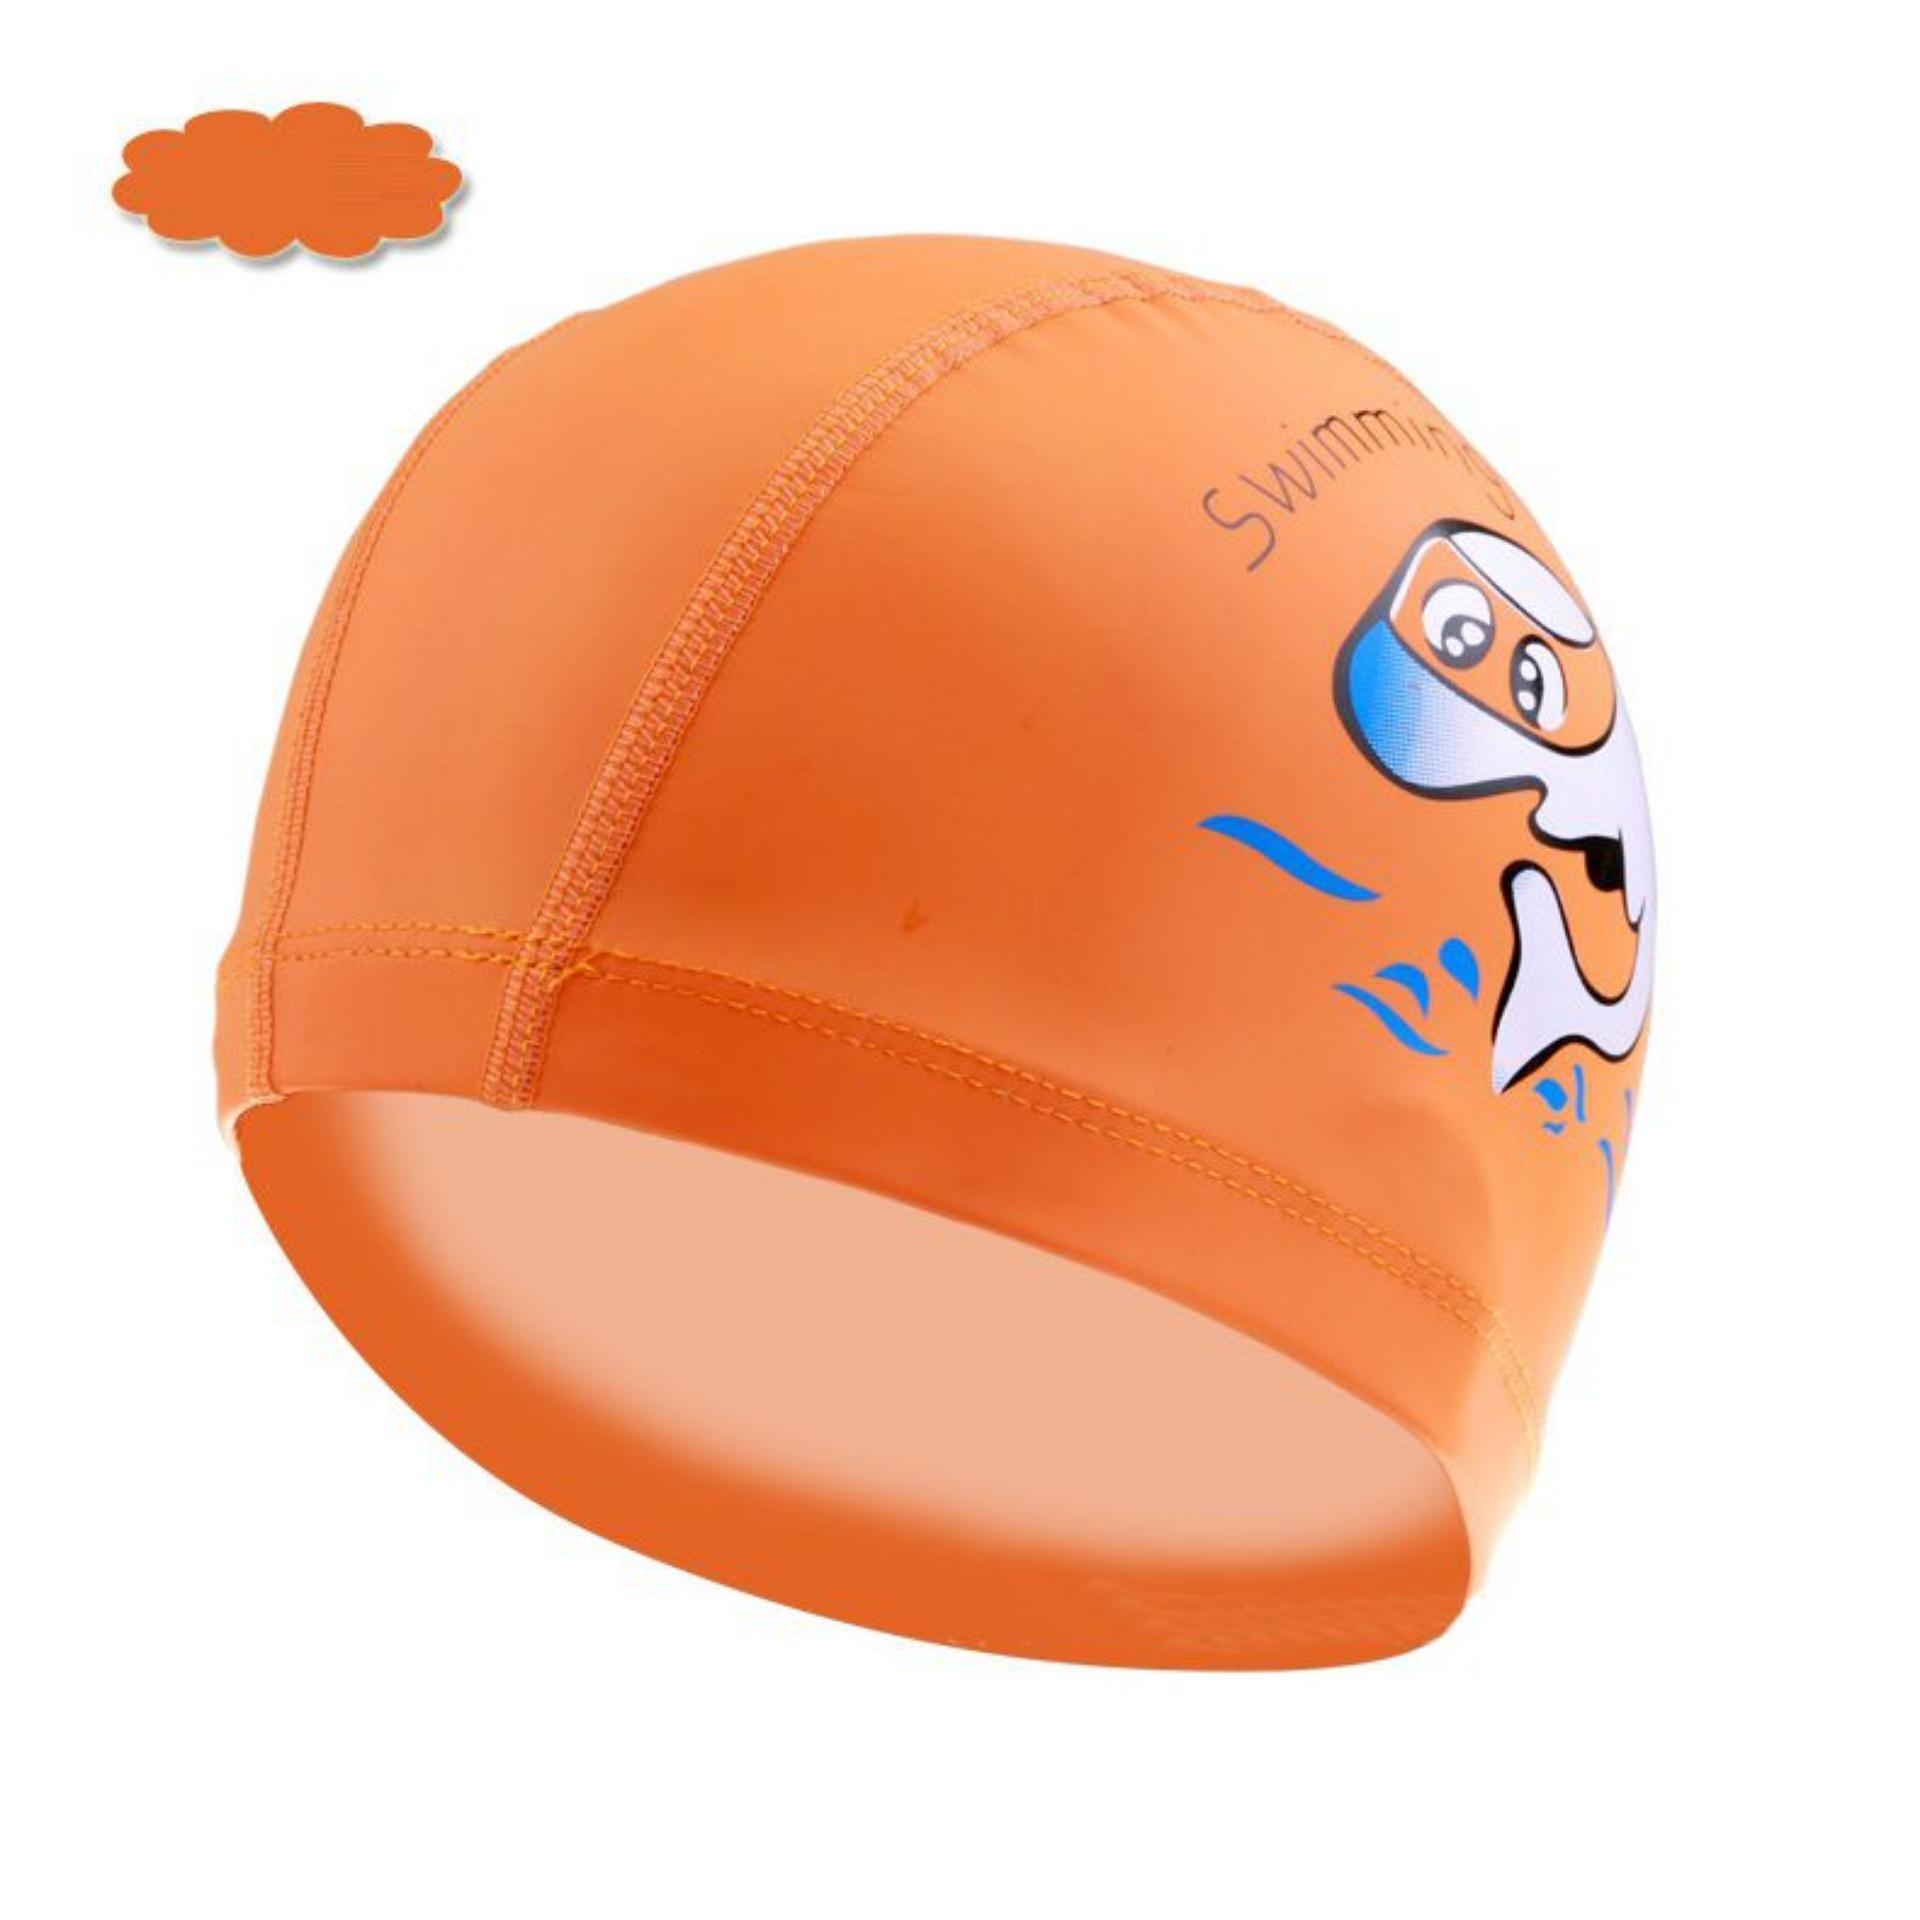 Mũ bơi trẻ em ngộ nghĩnh chất liệu an toàn mang đếm cảm giác mềm mại khi đội cho bé POPO Collection